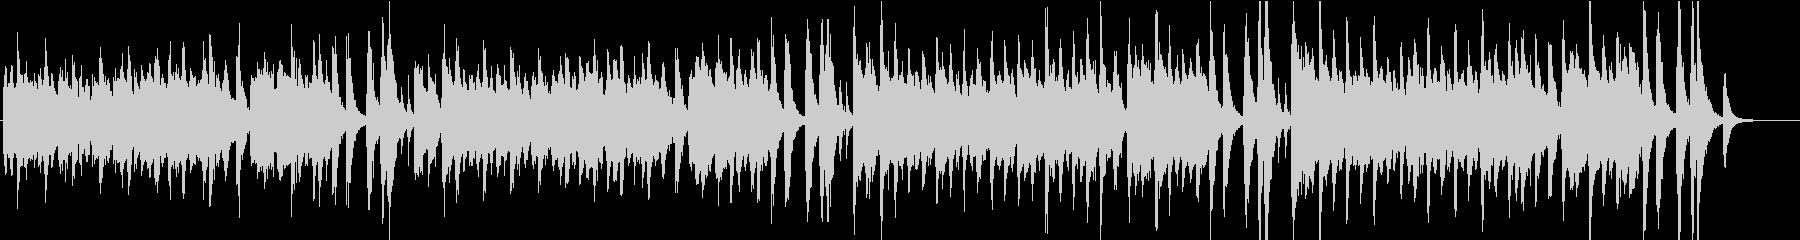 賑々しいデキシーランドのラグタイム音楽の未再生の波形